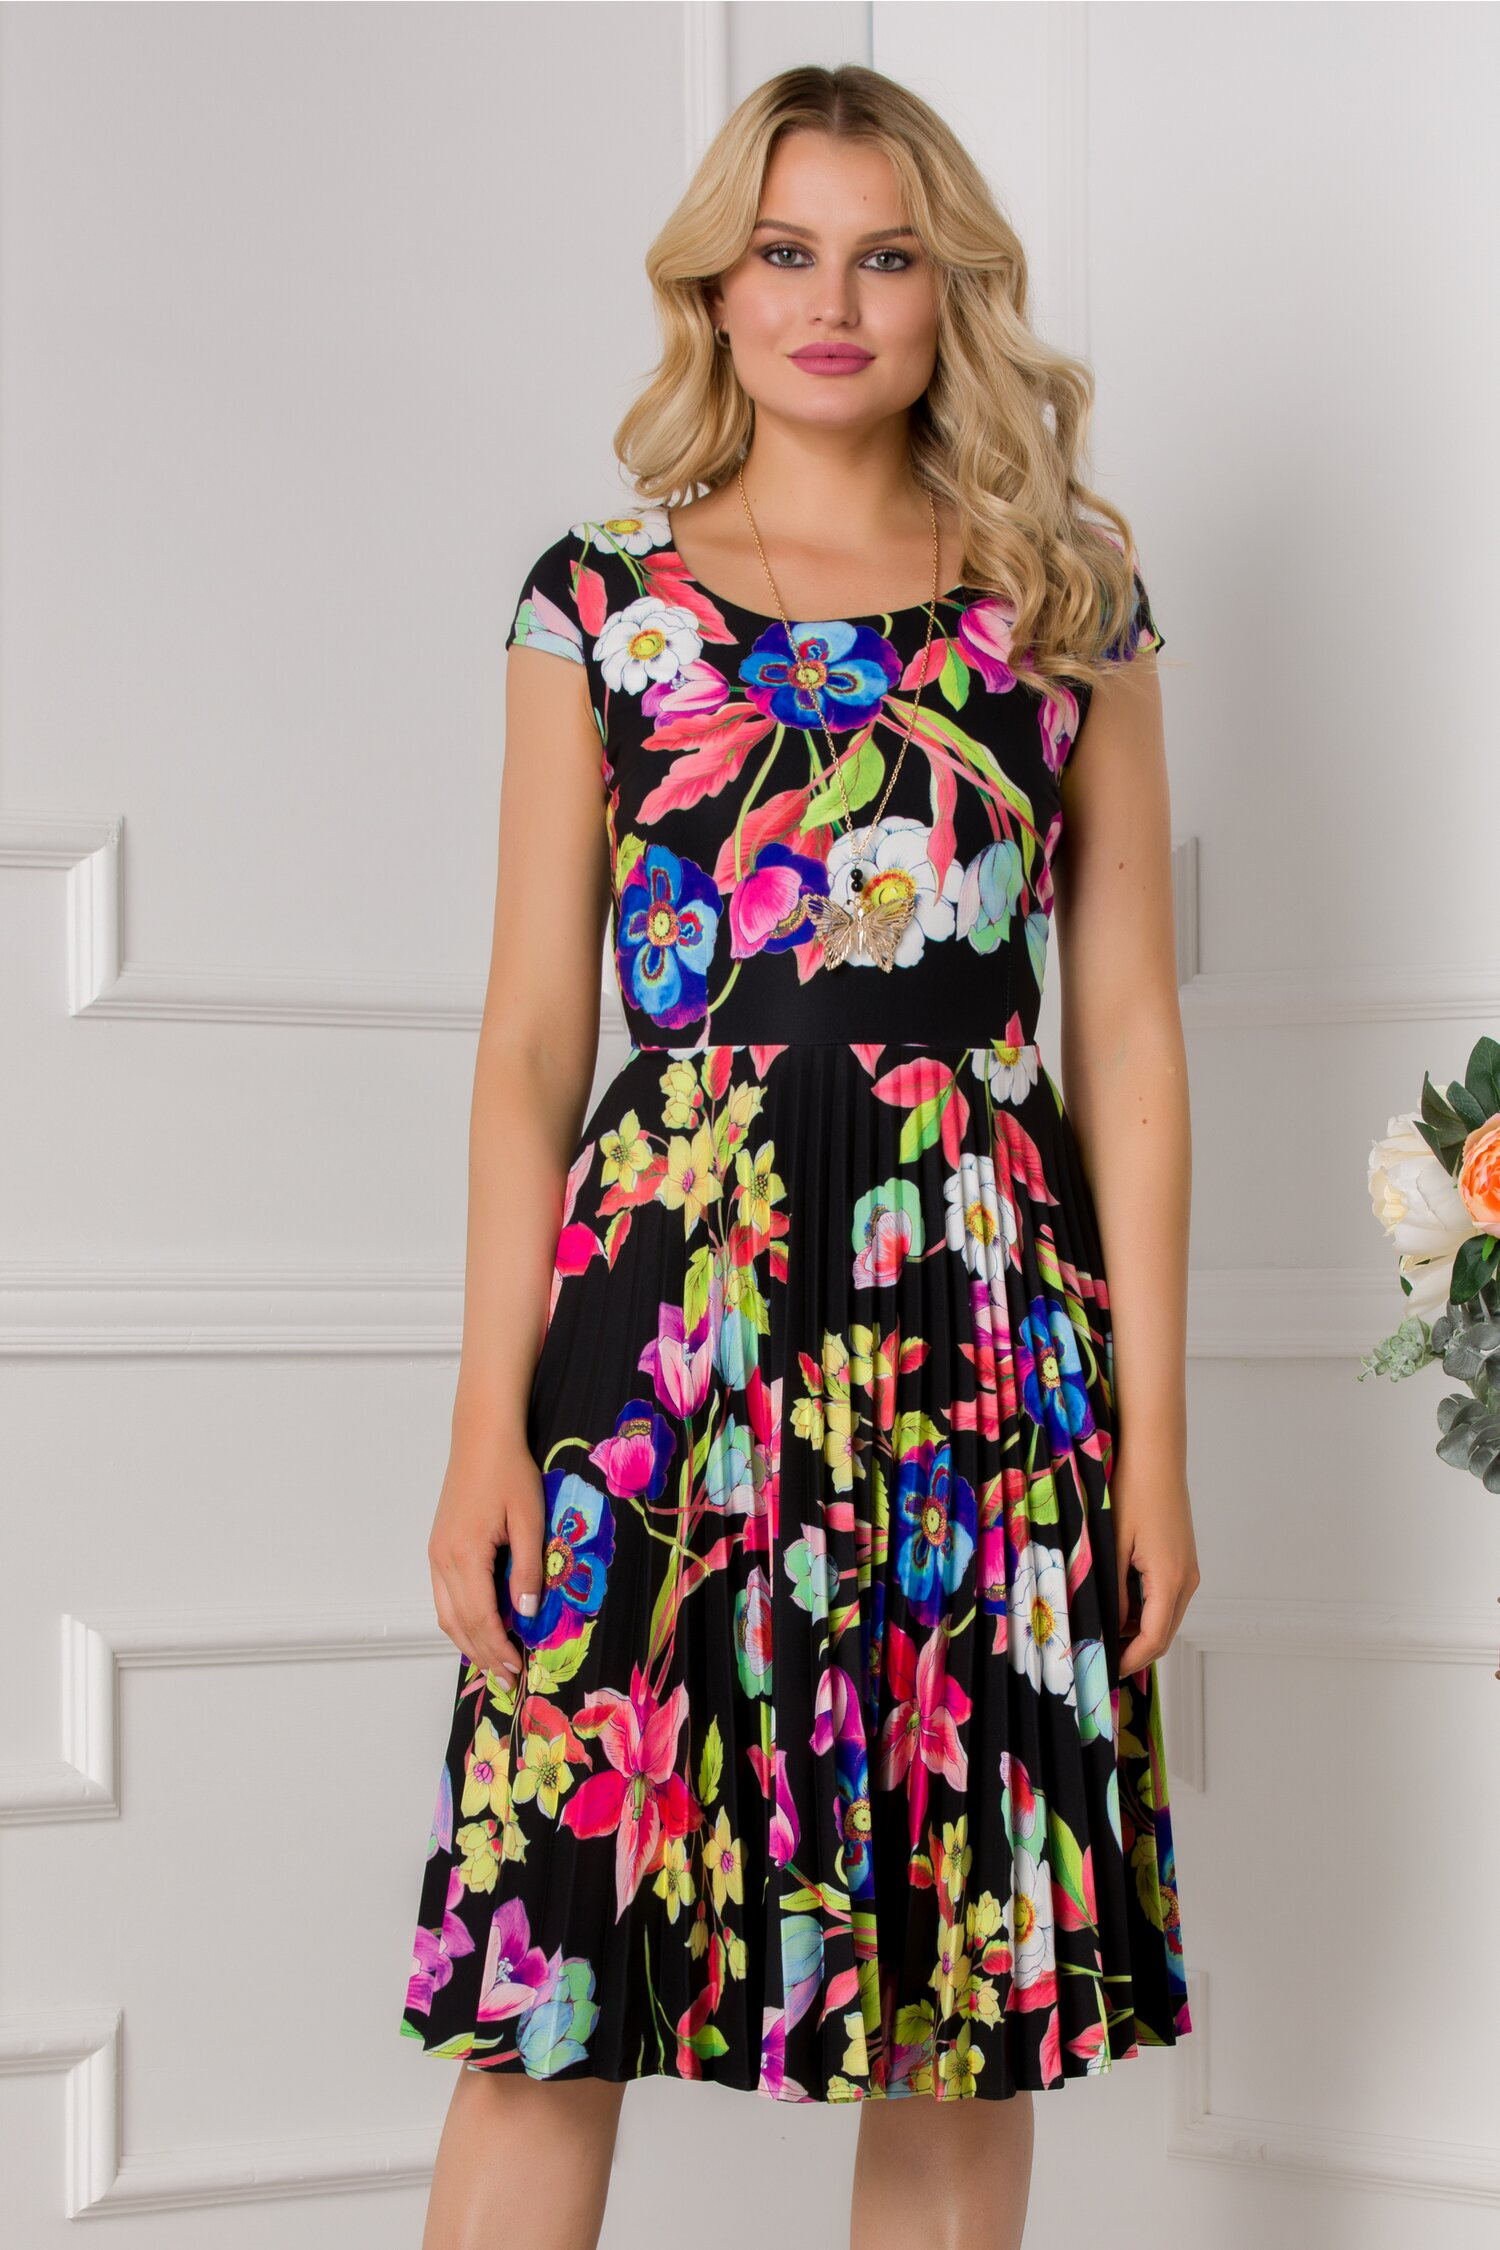 rochie ivonne neagra cu maneci scurte si imprimeu floral colorat 535284 4